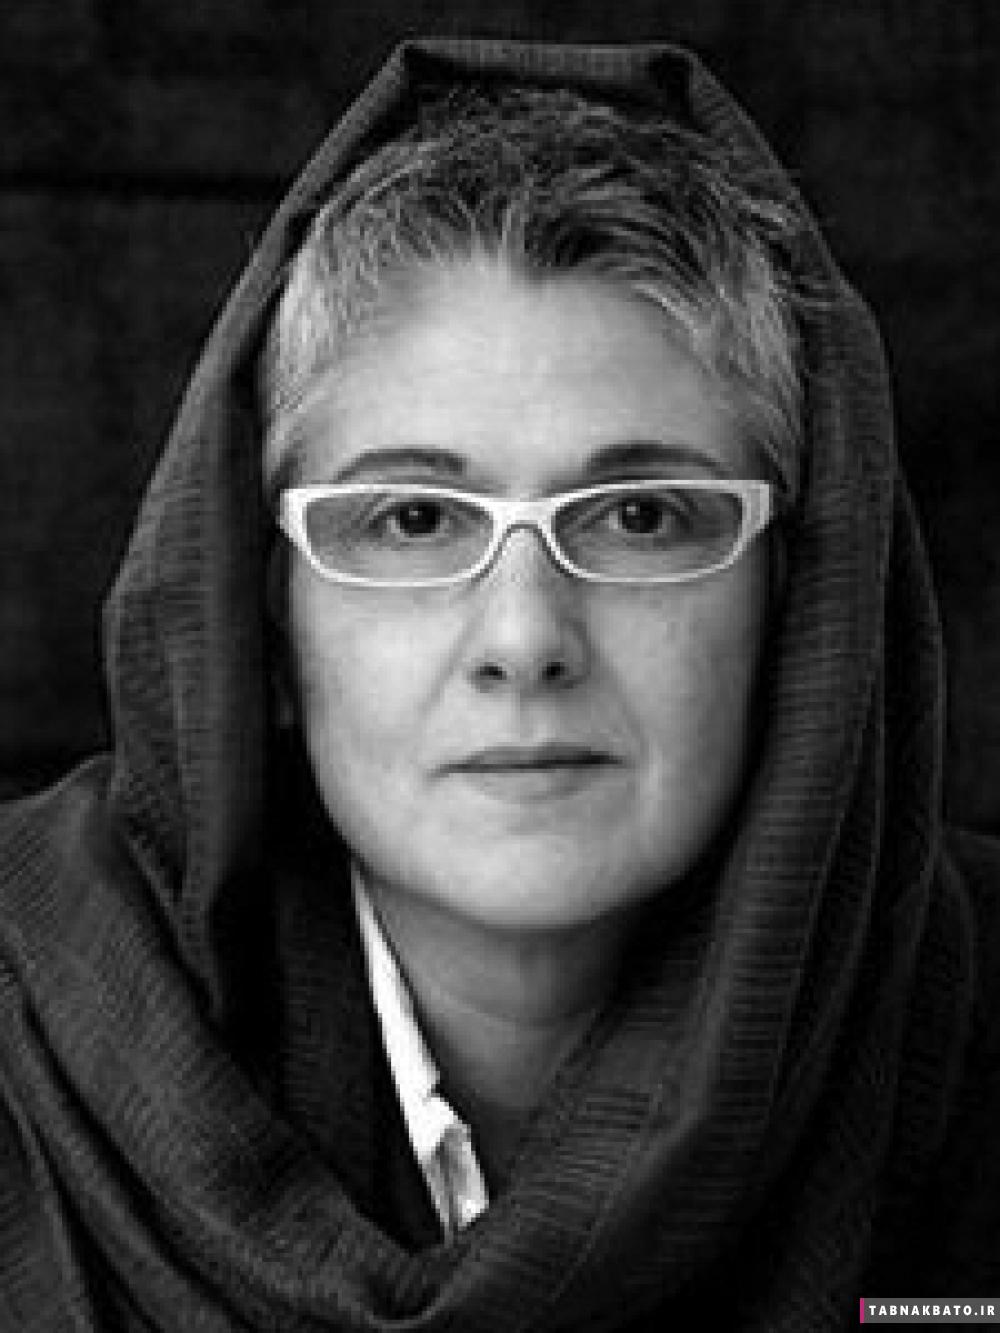 زنان ایرانی که معماری جهان را تکان داده اند